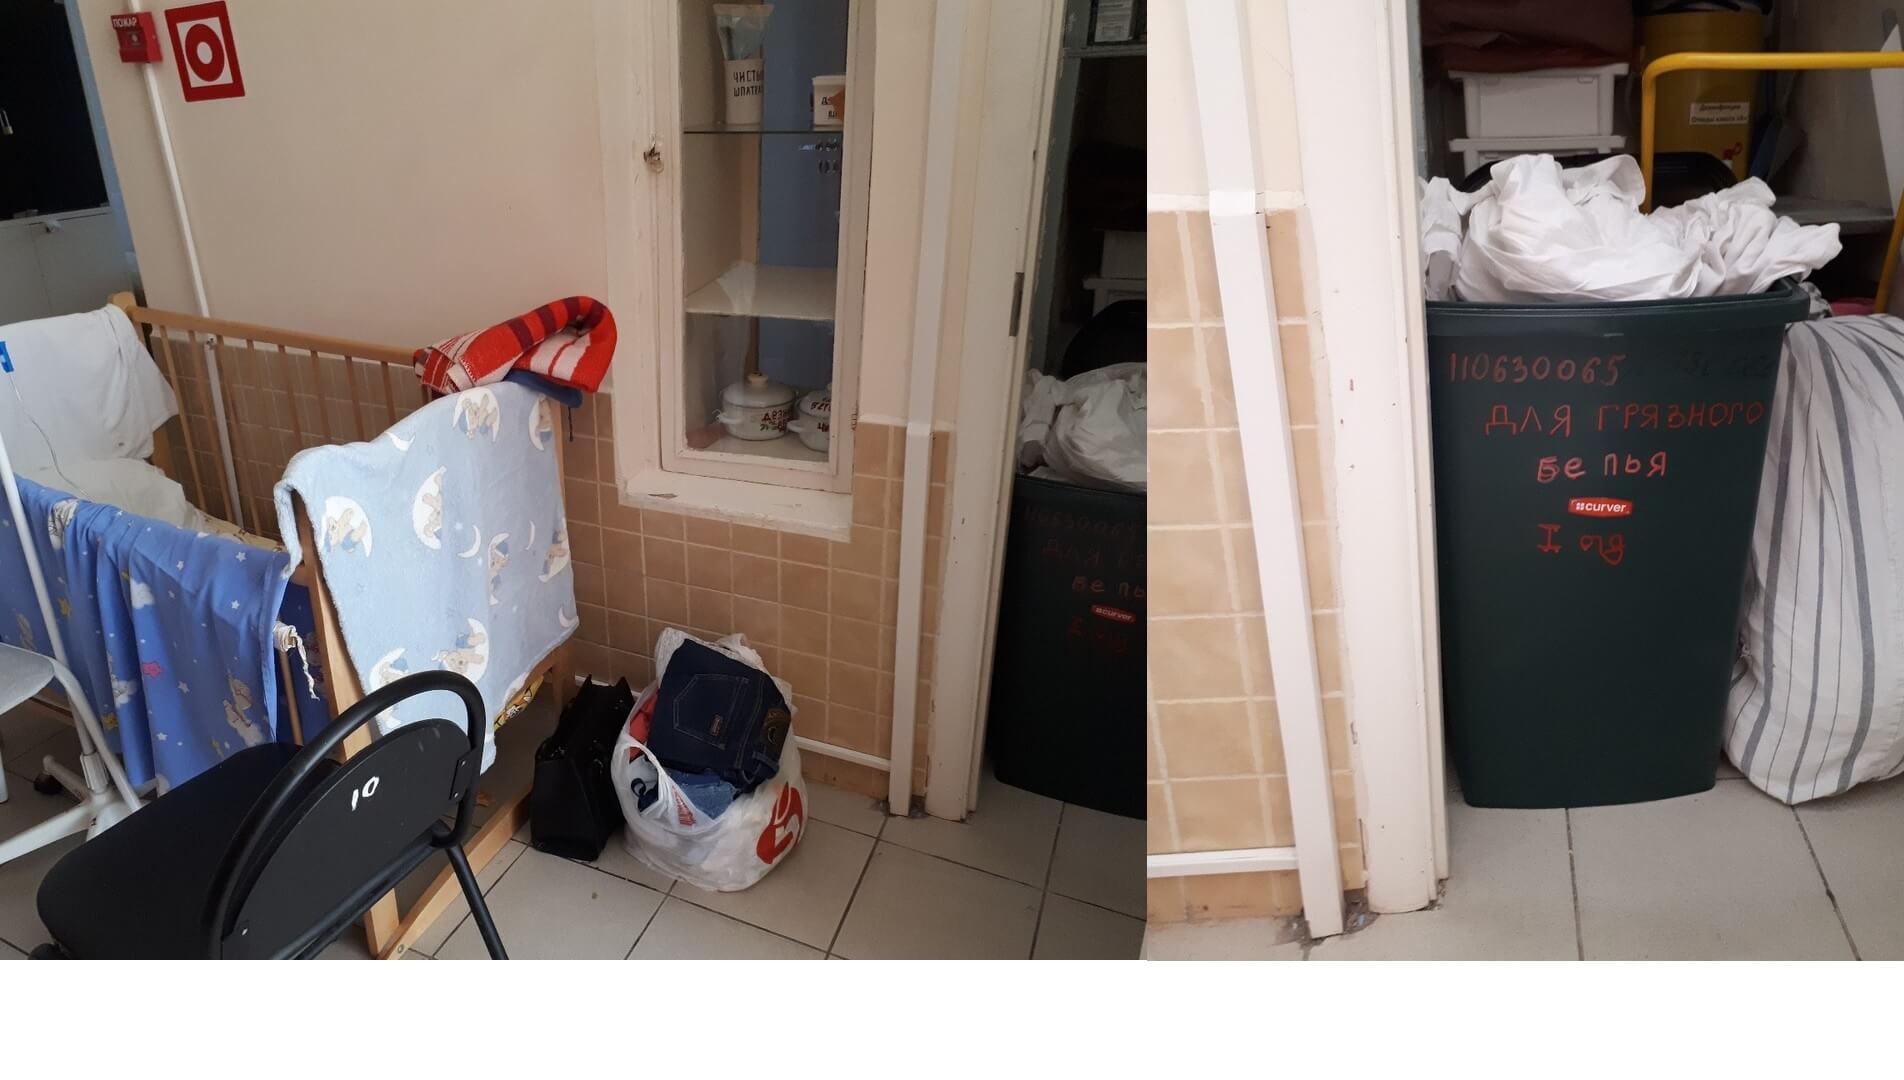 В Самаре пообещали построить новый корпус инфекционки из-за размещения детей в коридоре